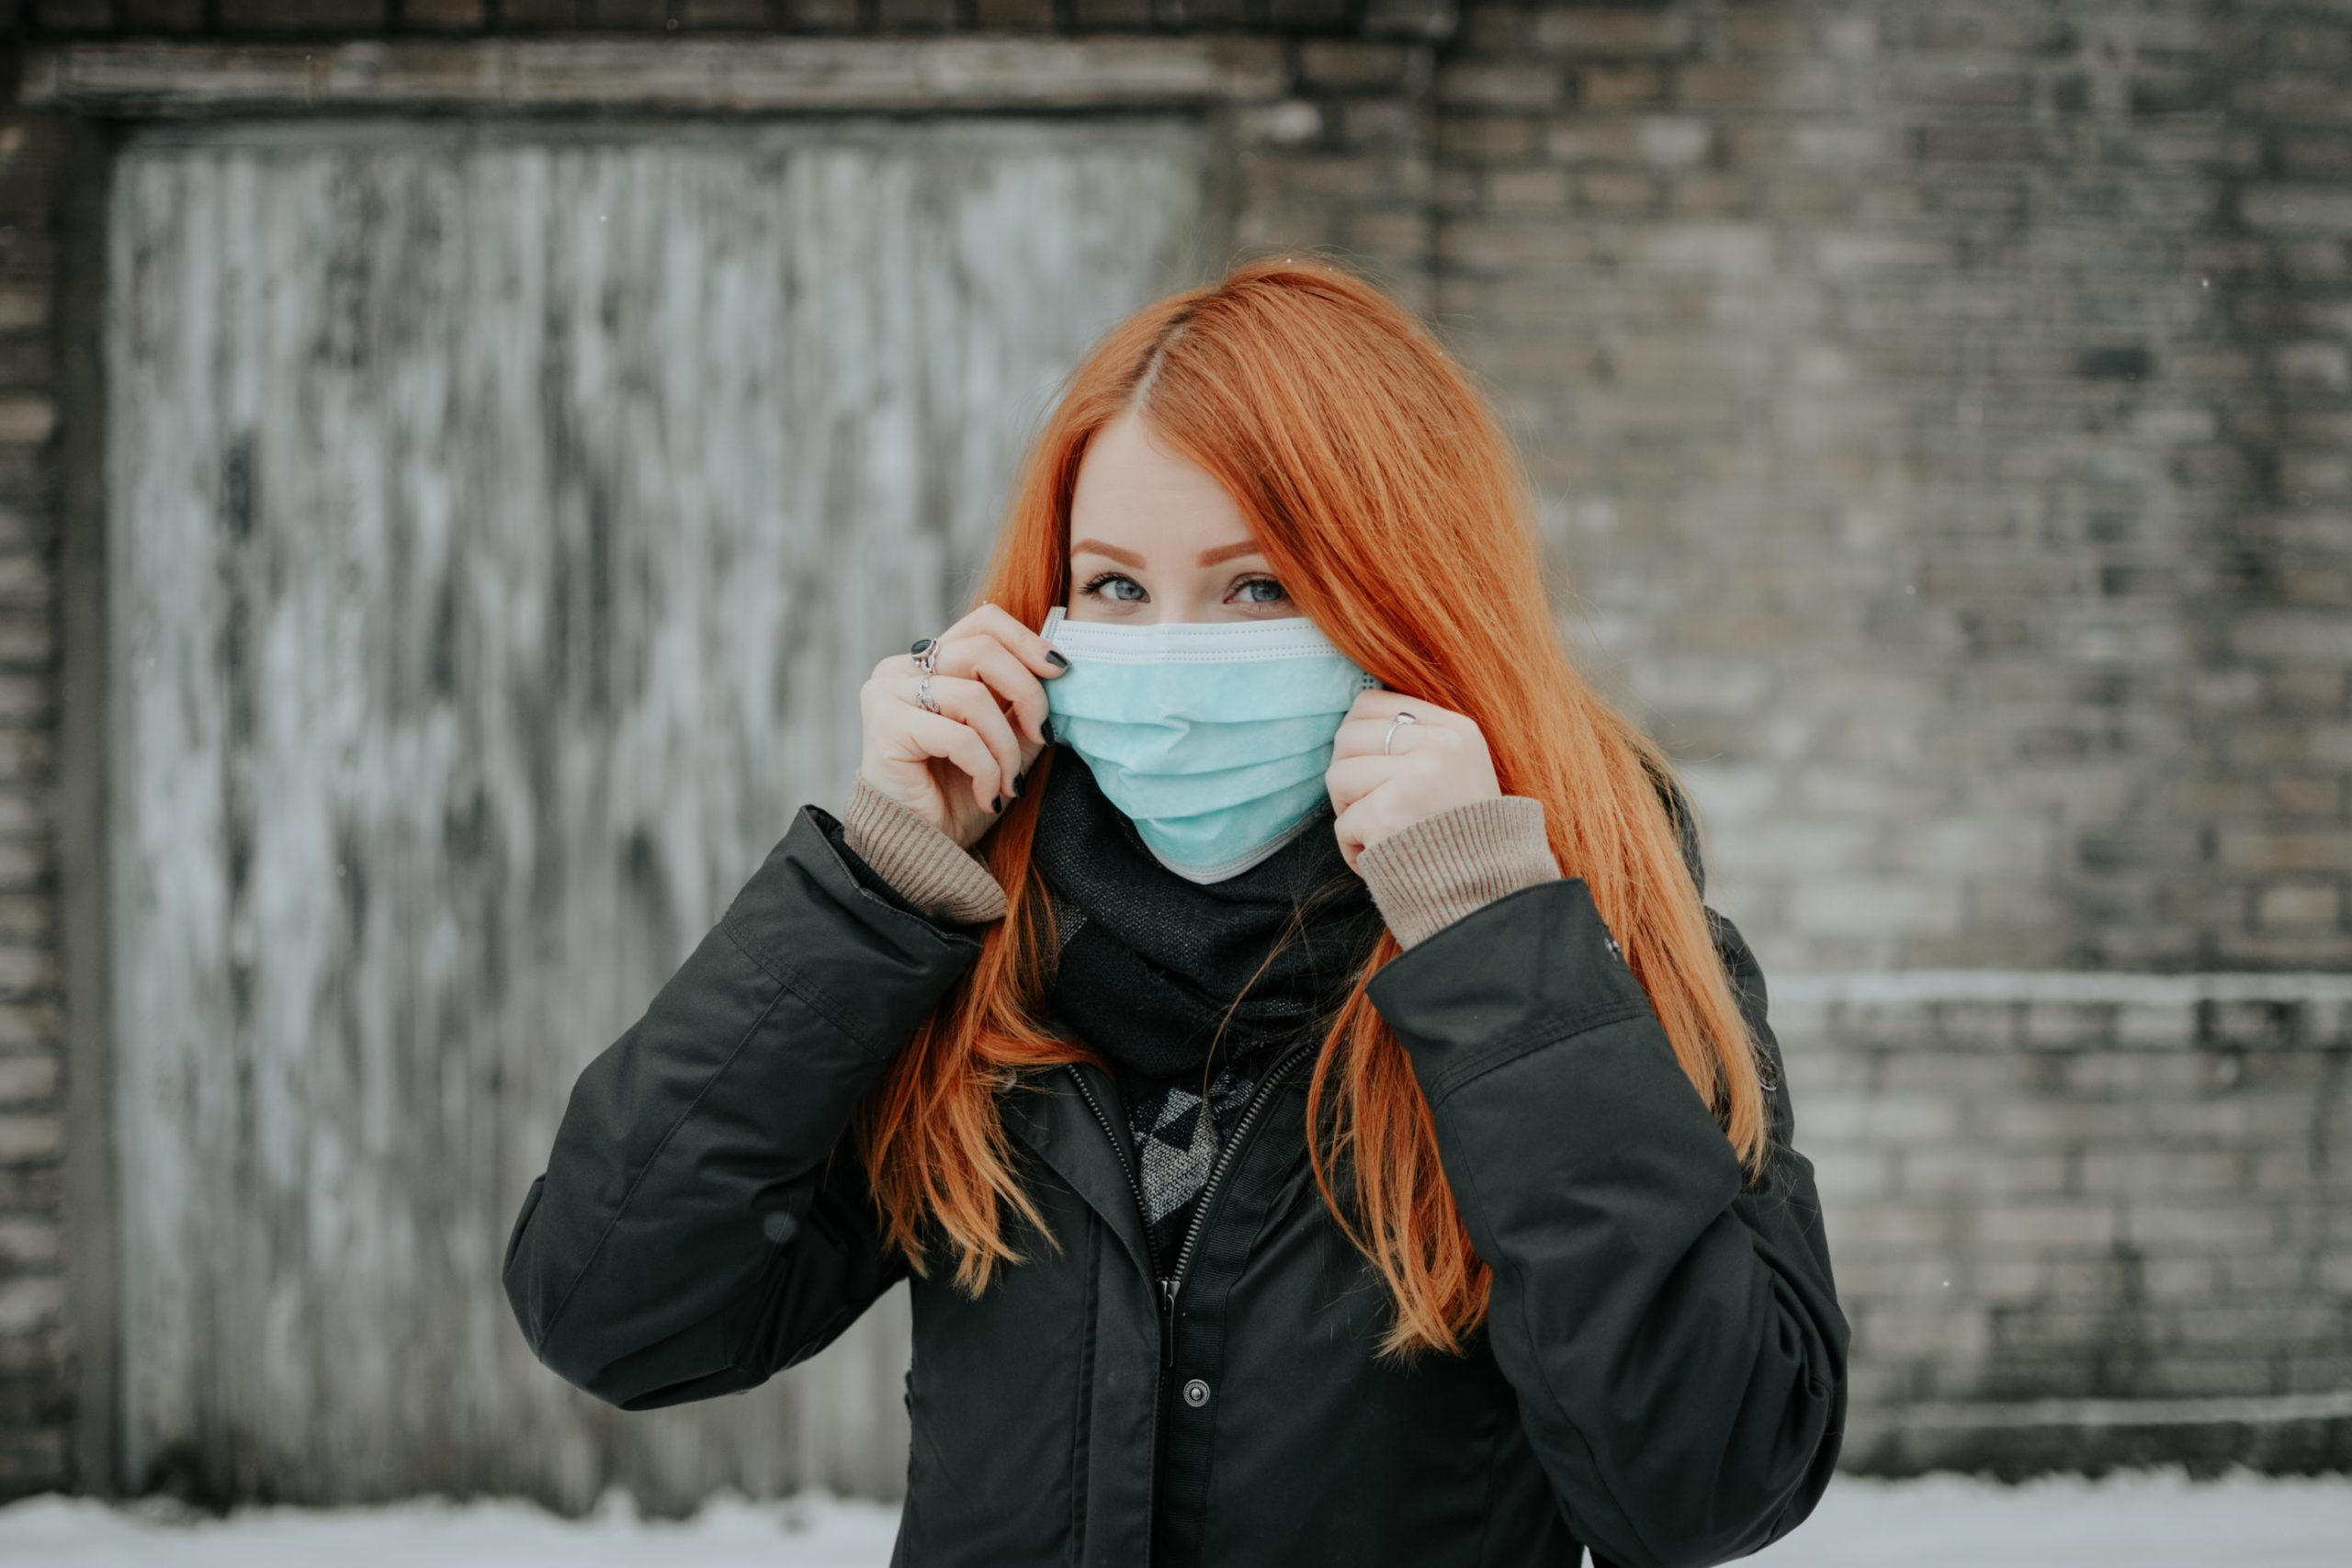 Ποια είναι τα 10 νέα άτυπα συμπτώματα του κορονοϊού -και πότε πρέπει να ανησυχήσεις